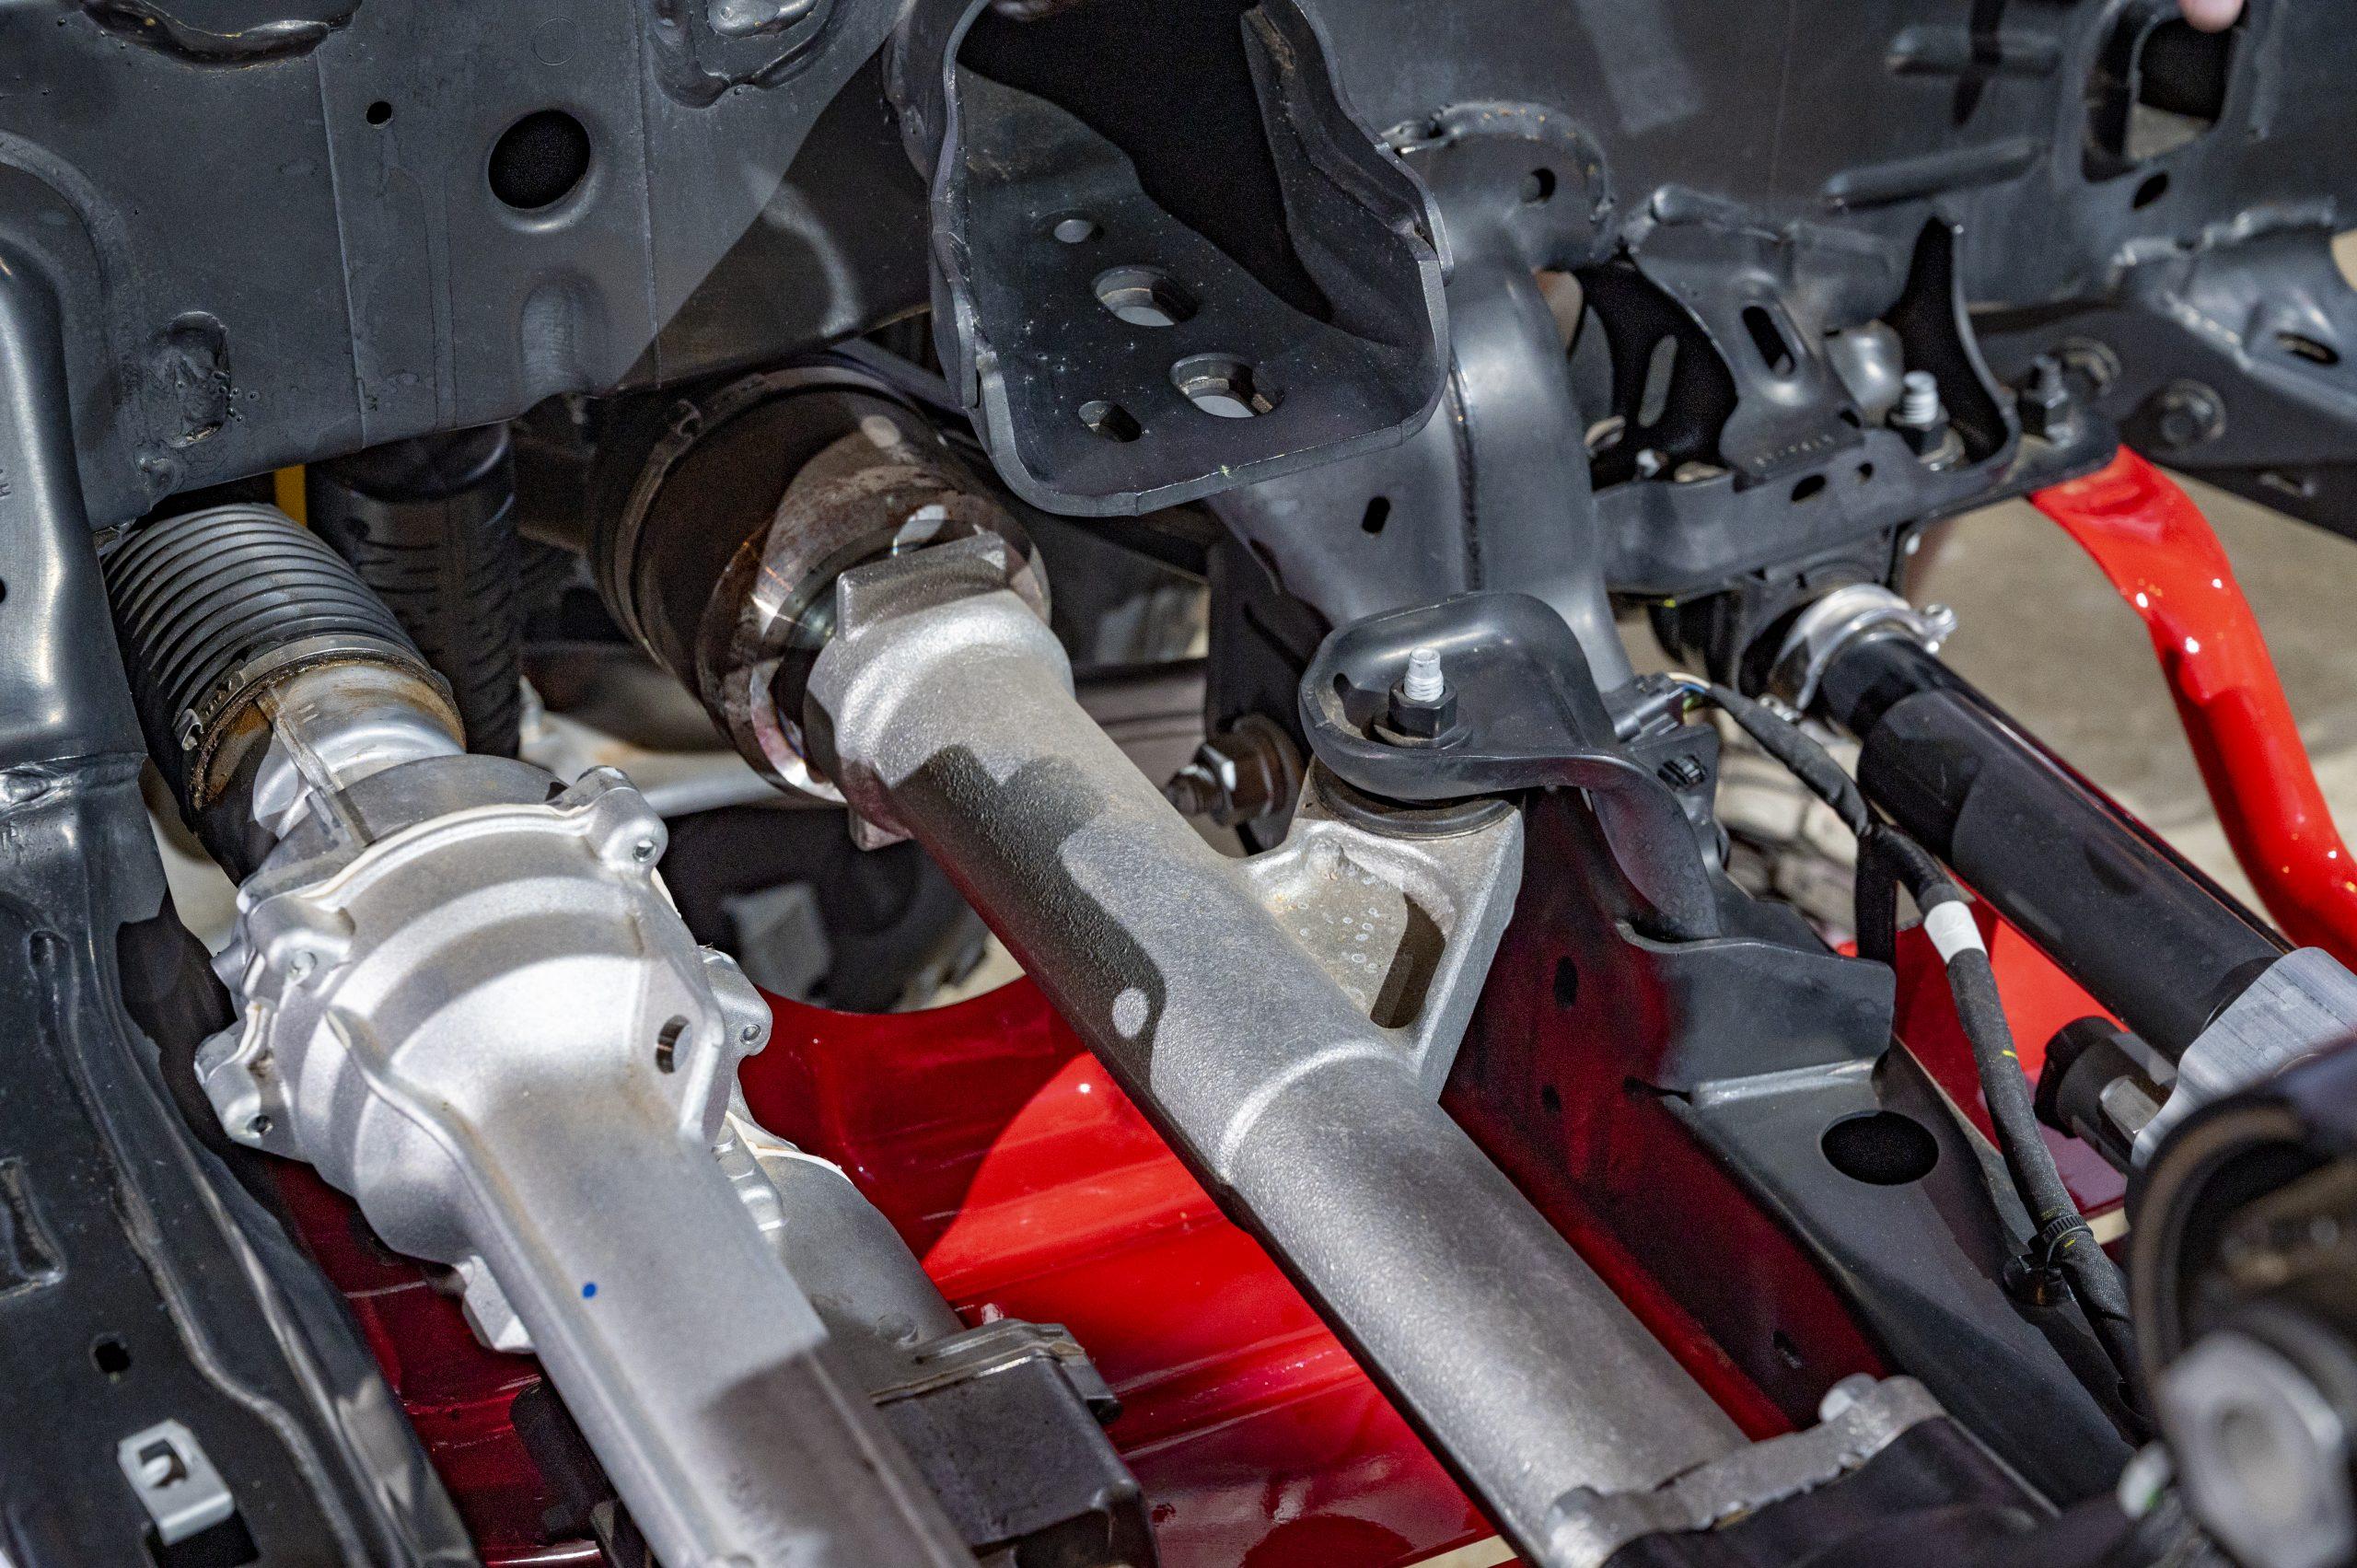 2021 Ford Bronco shafts